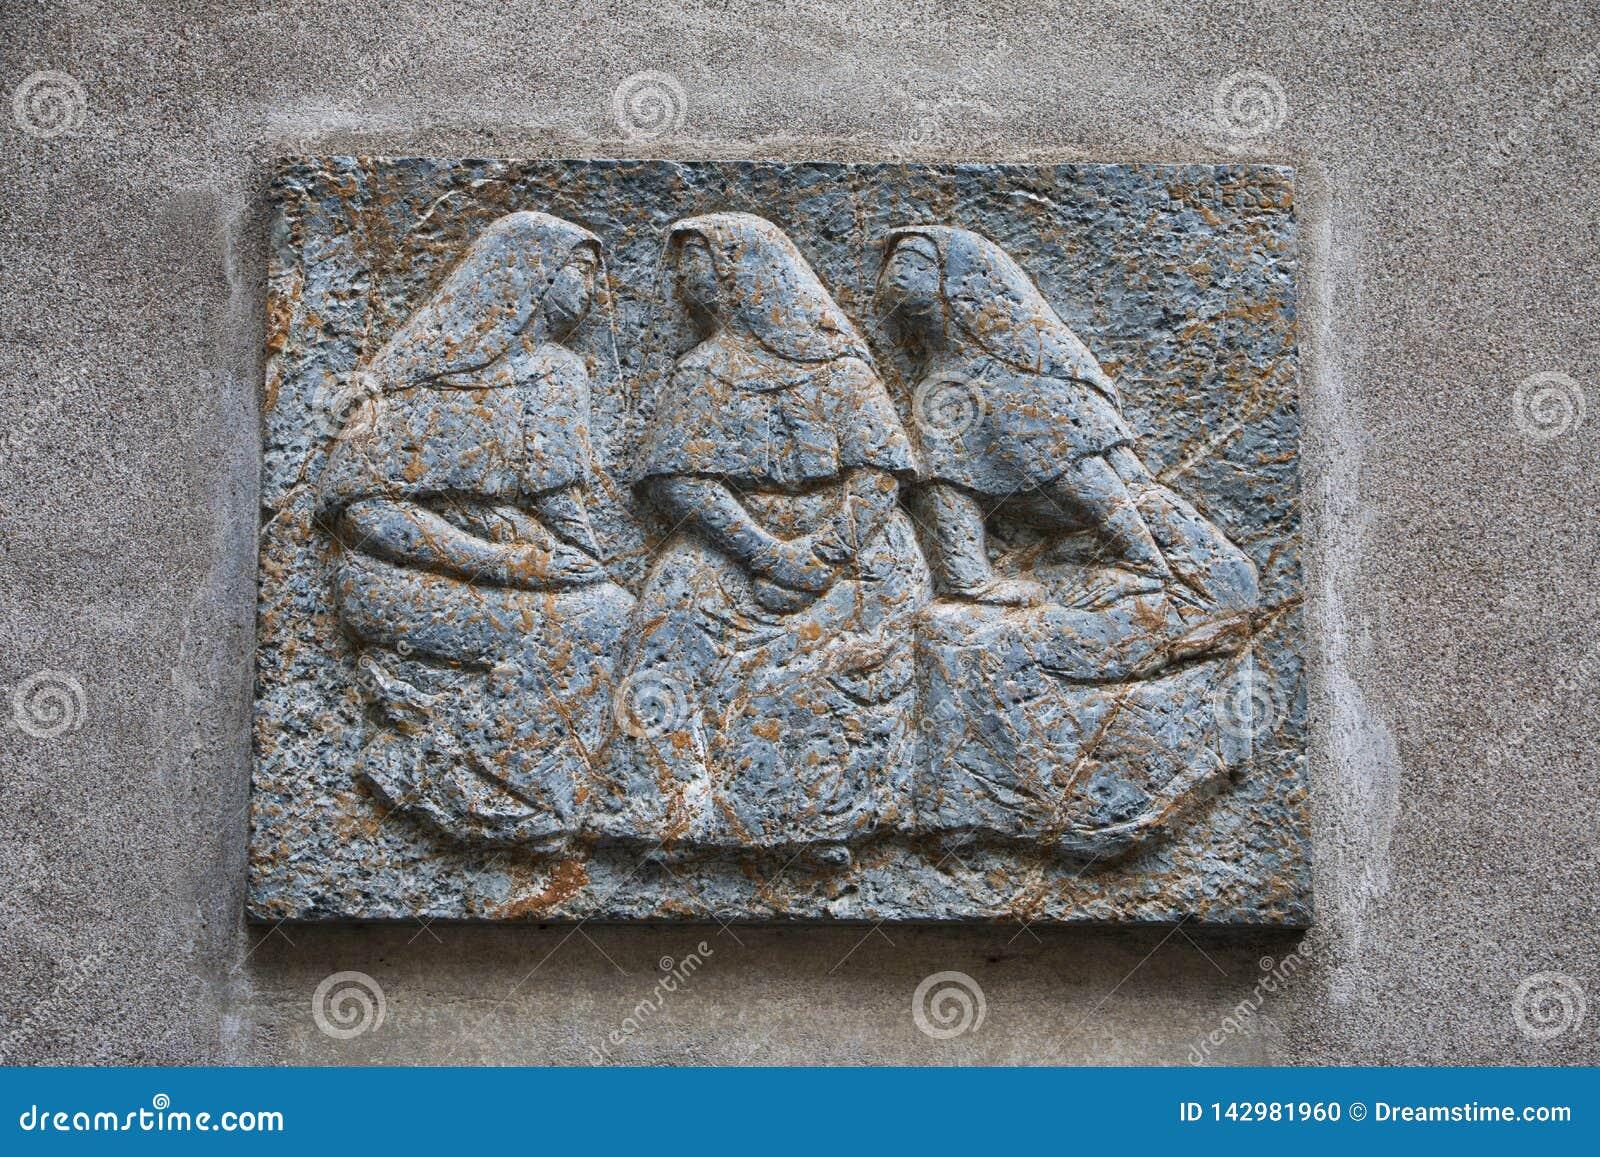 Unterhaltungsfrauen im Steinbild in Zürich